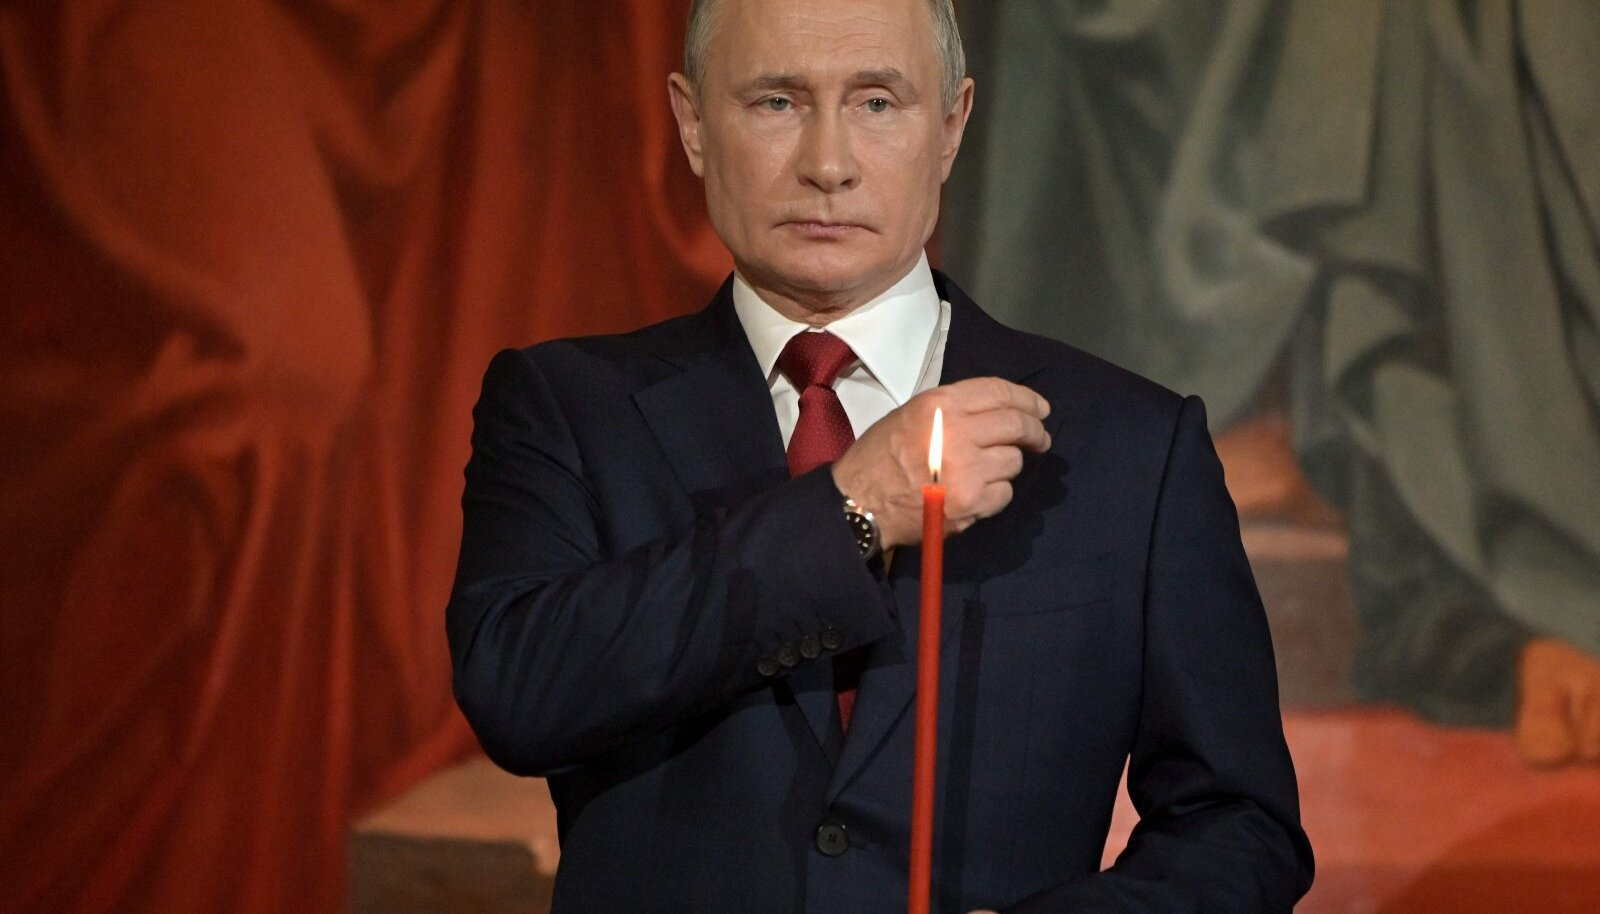 """Venelased ja """"väikevenelased"""" on üks rahvas, keda liidab ühine usk ja keel, kirjutab Vladimir Putin."""